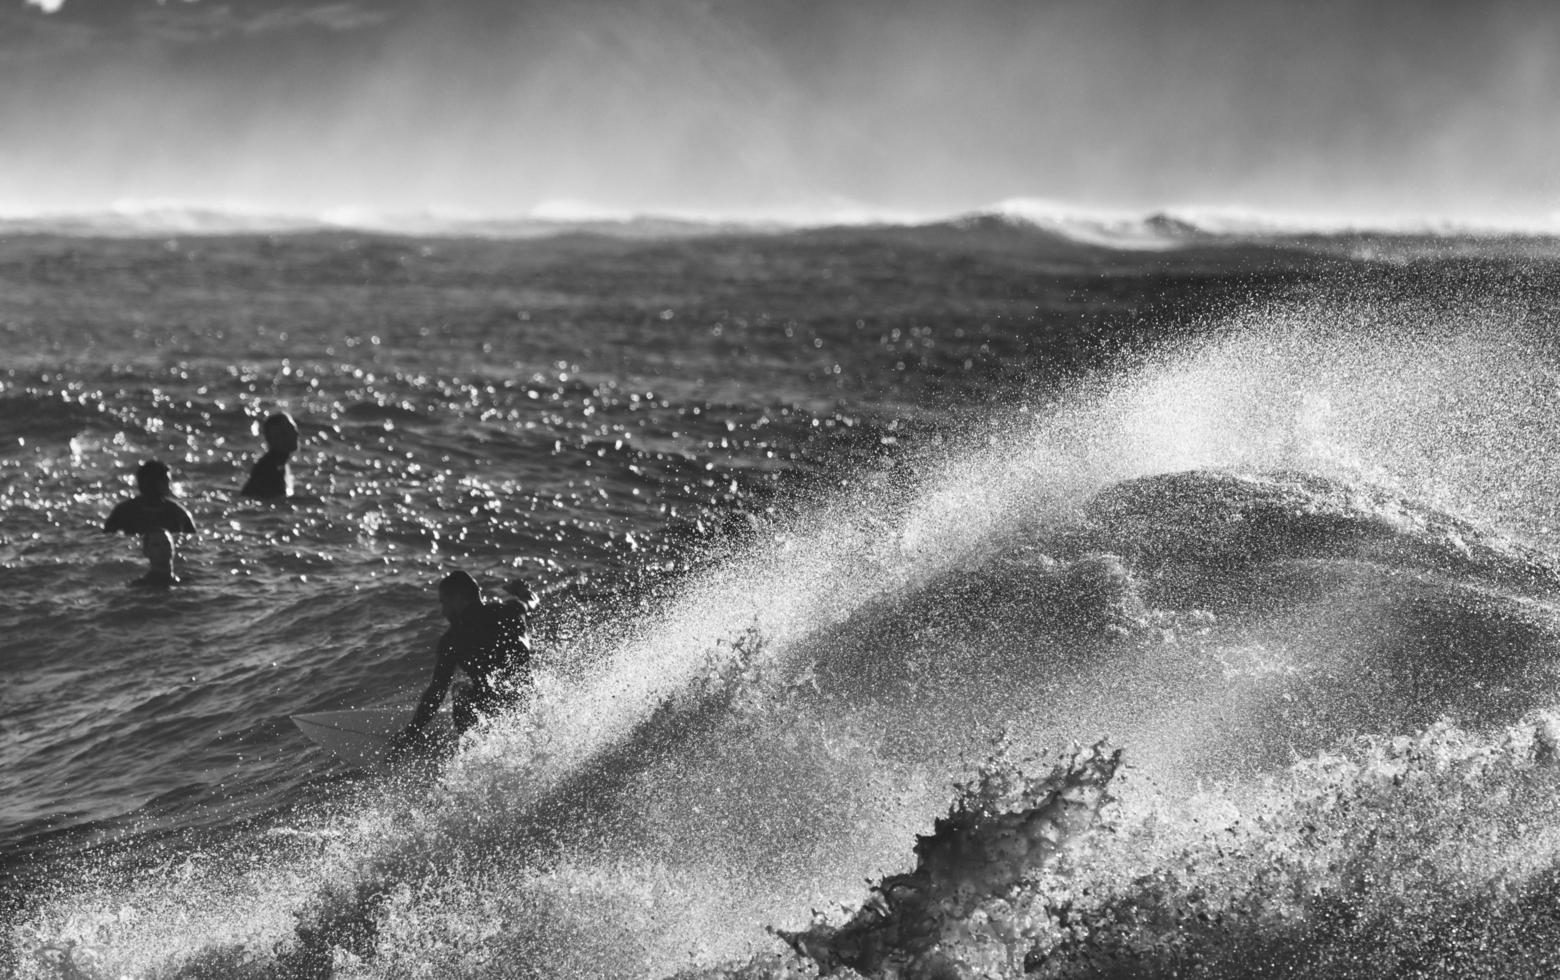 Sydney, Australie, 2020 - niveaux de gris de personnes surfant sur les vagues photo